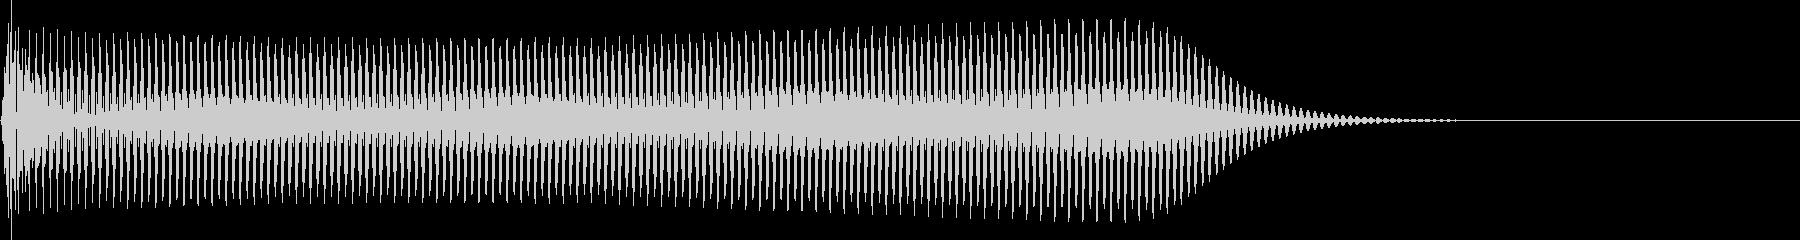 選択音 決定音 シンプル A05の未再生の波形